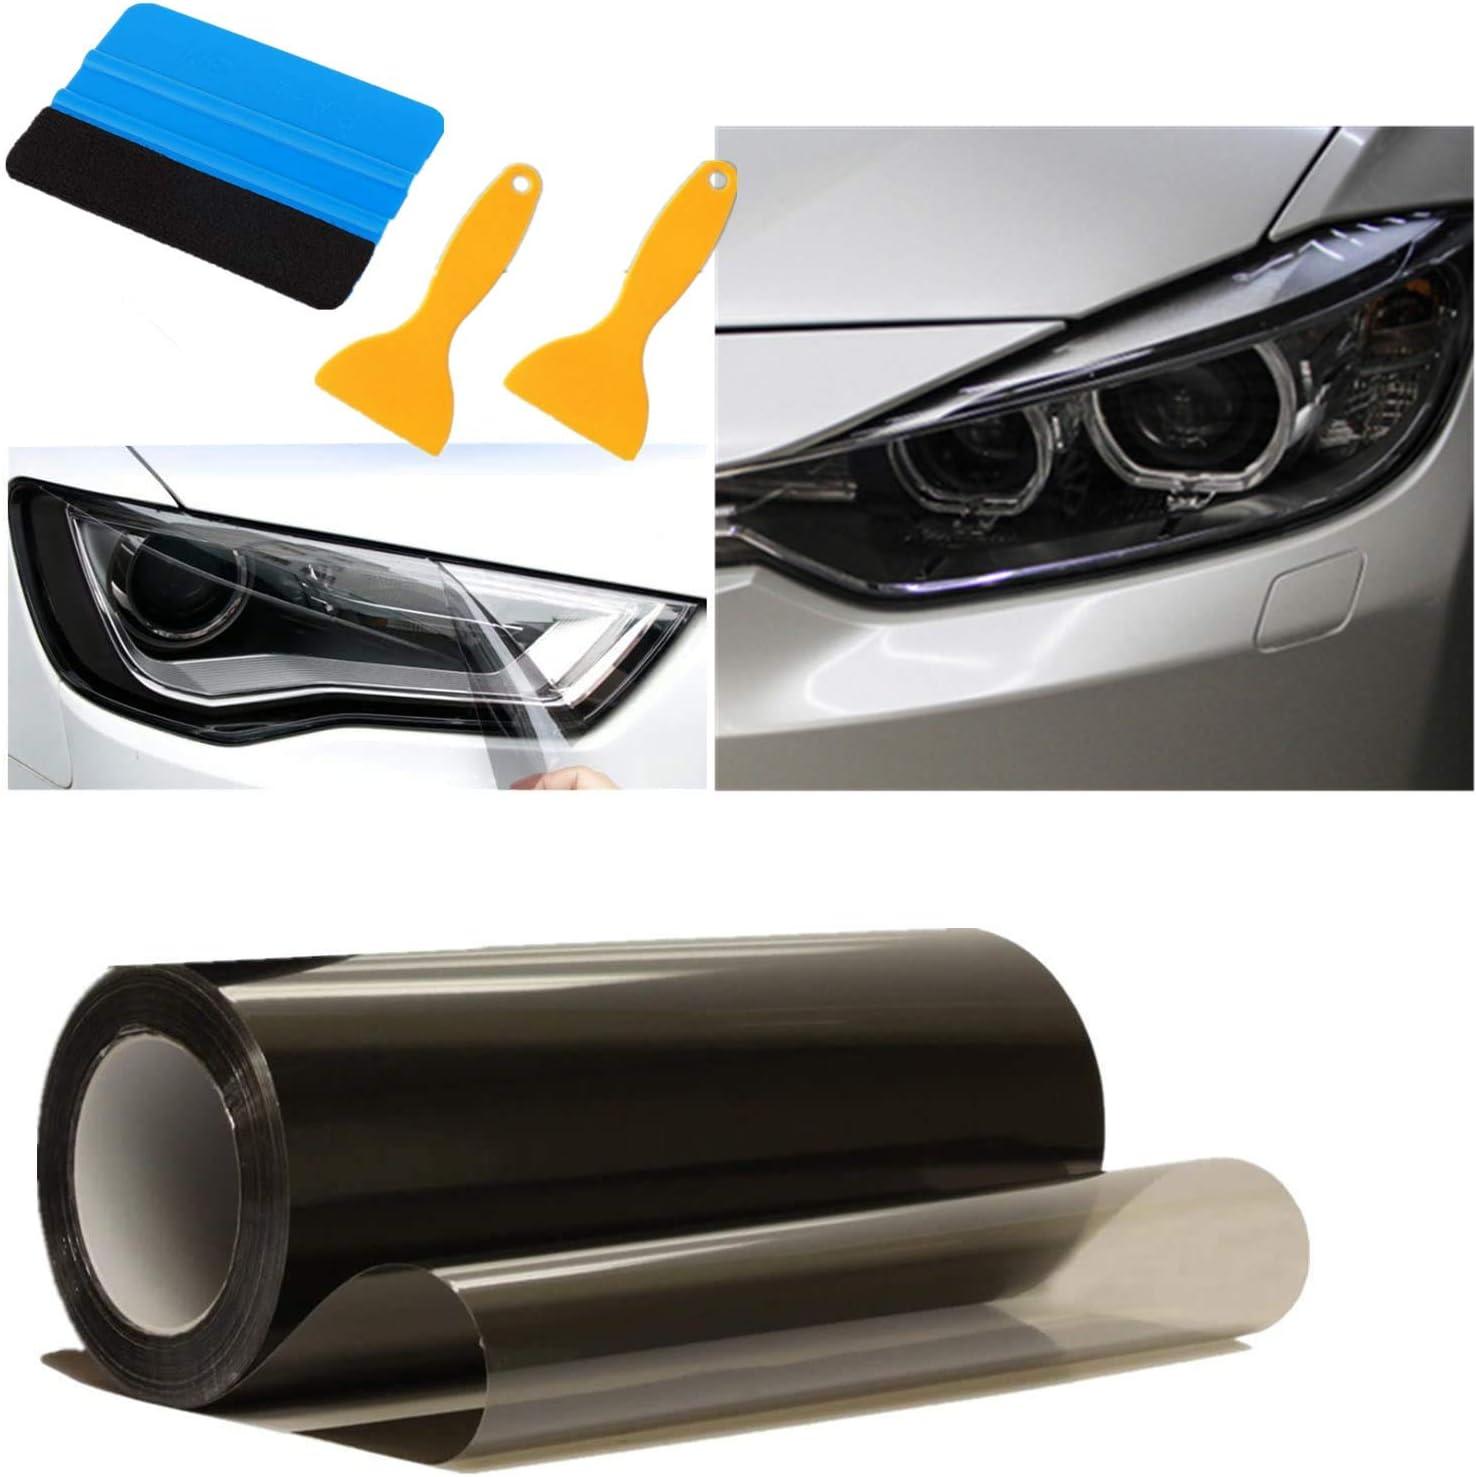 Mioke Auto Scheinwerfer Folie 300c 30cm Tönungsfolie Aufkleber Cheinwerfer Nebelscheinwerfer Rücklicht Vinyl Farbe Zubehör Schwarz Auto